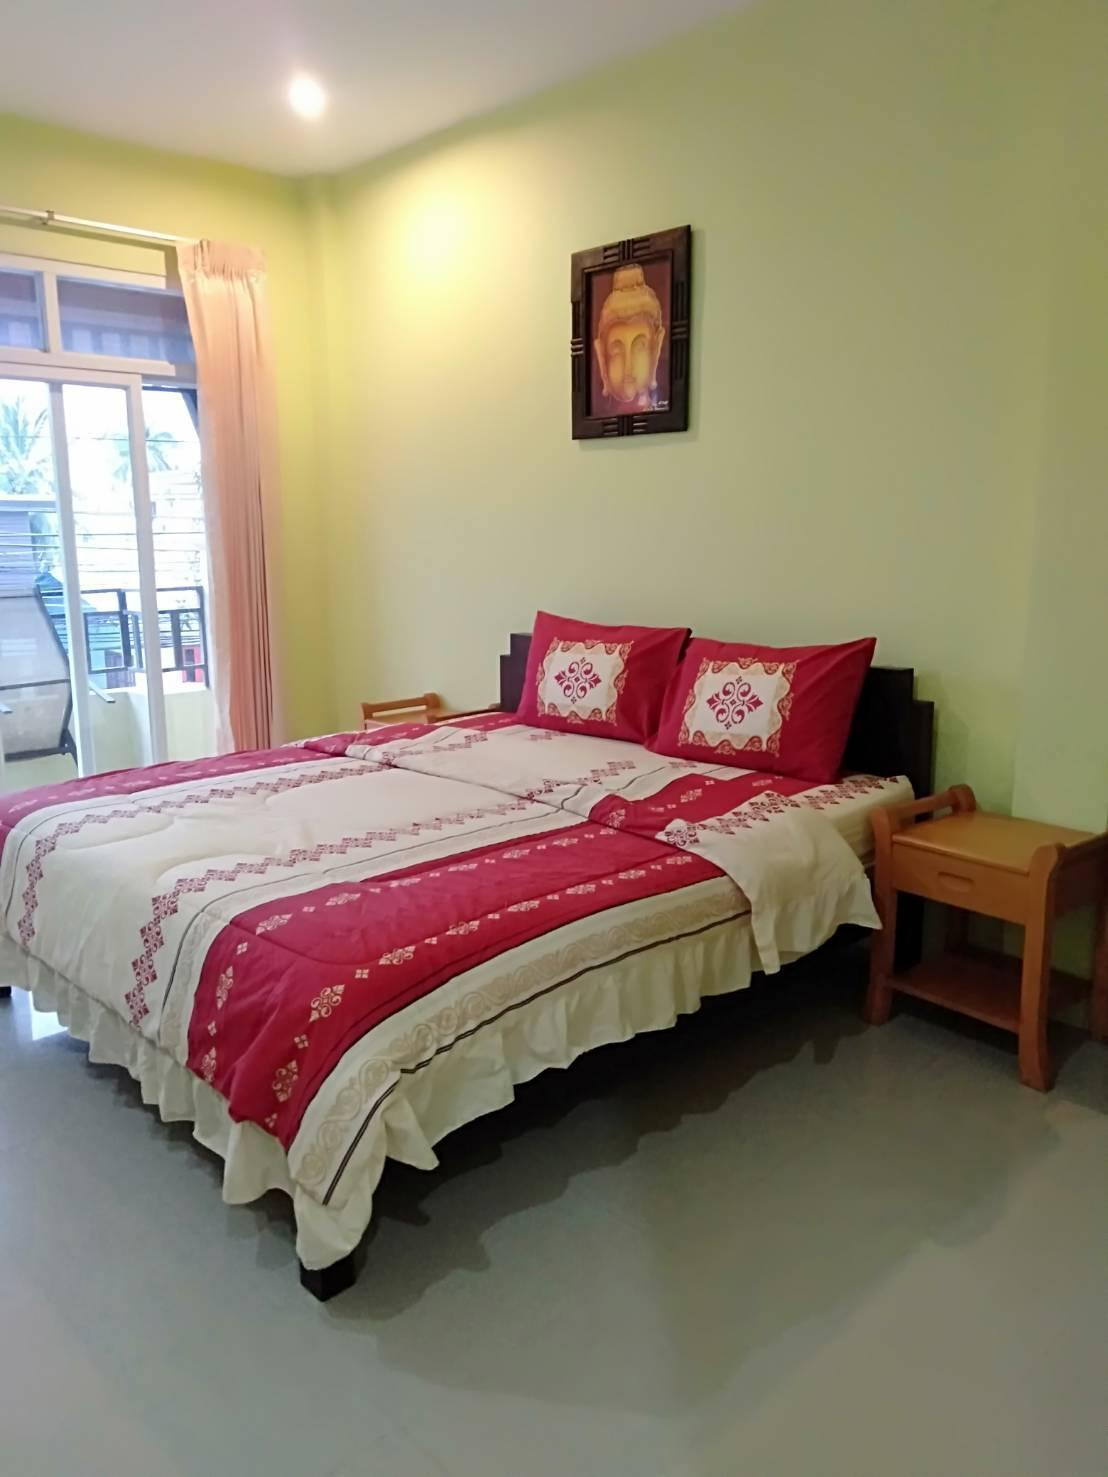 Room 2 for Rent Koh Samui อพาร์ตเมนต์ 1 ห้องนอน 1 ห้องน้ำส่วนตัว ขนาด 30 ตร.ม. – หาดเฉวง